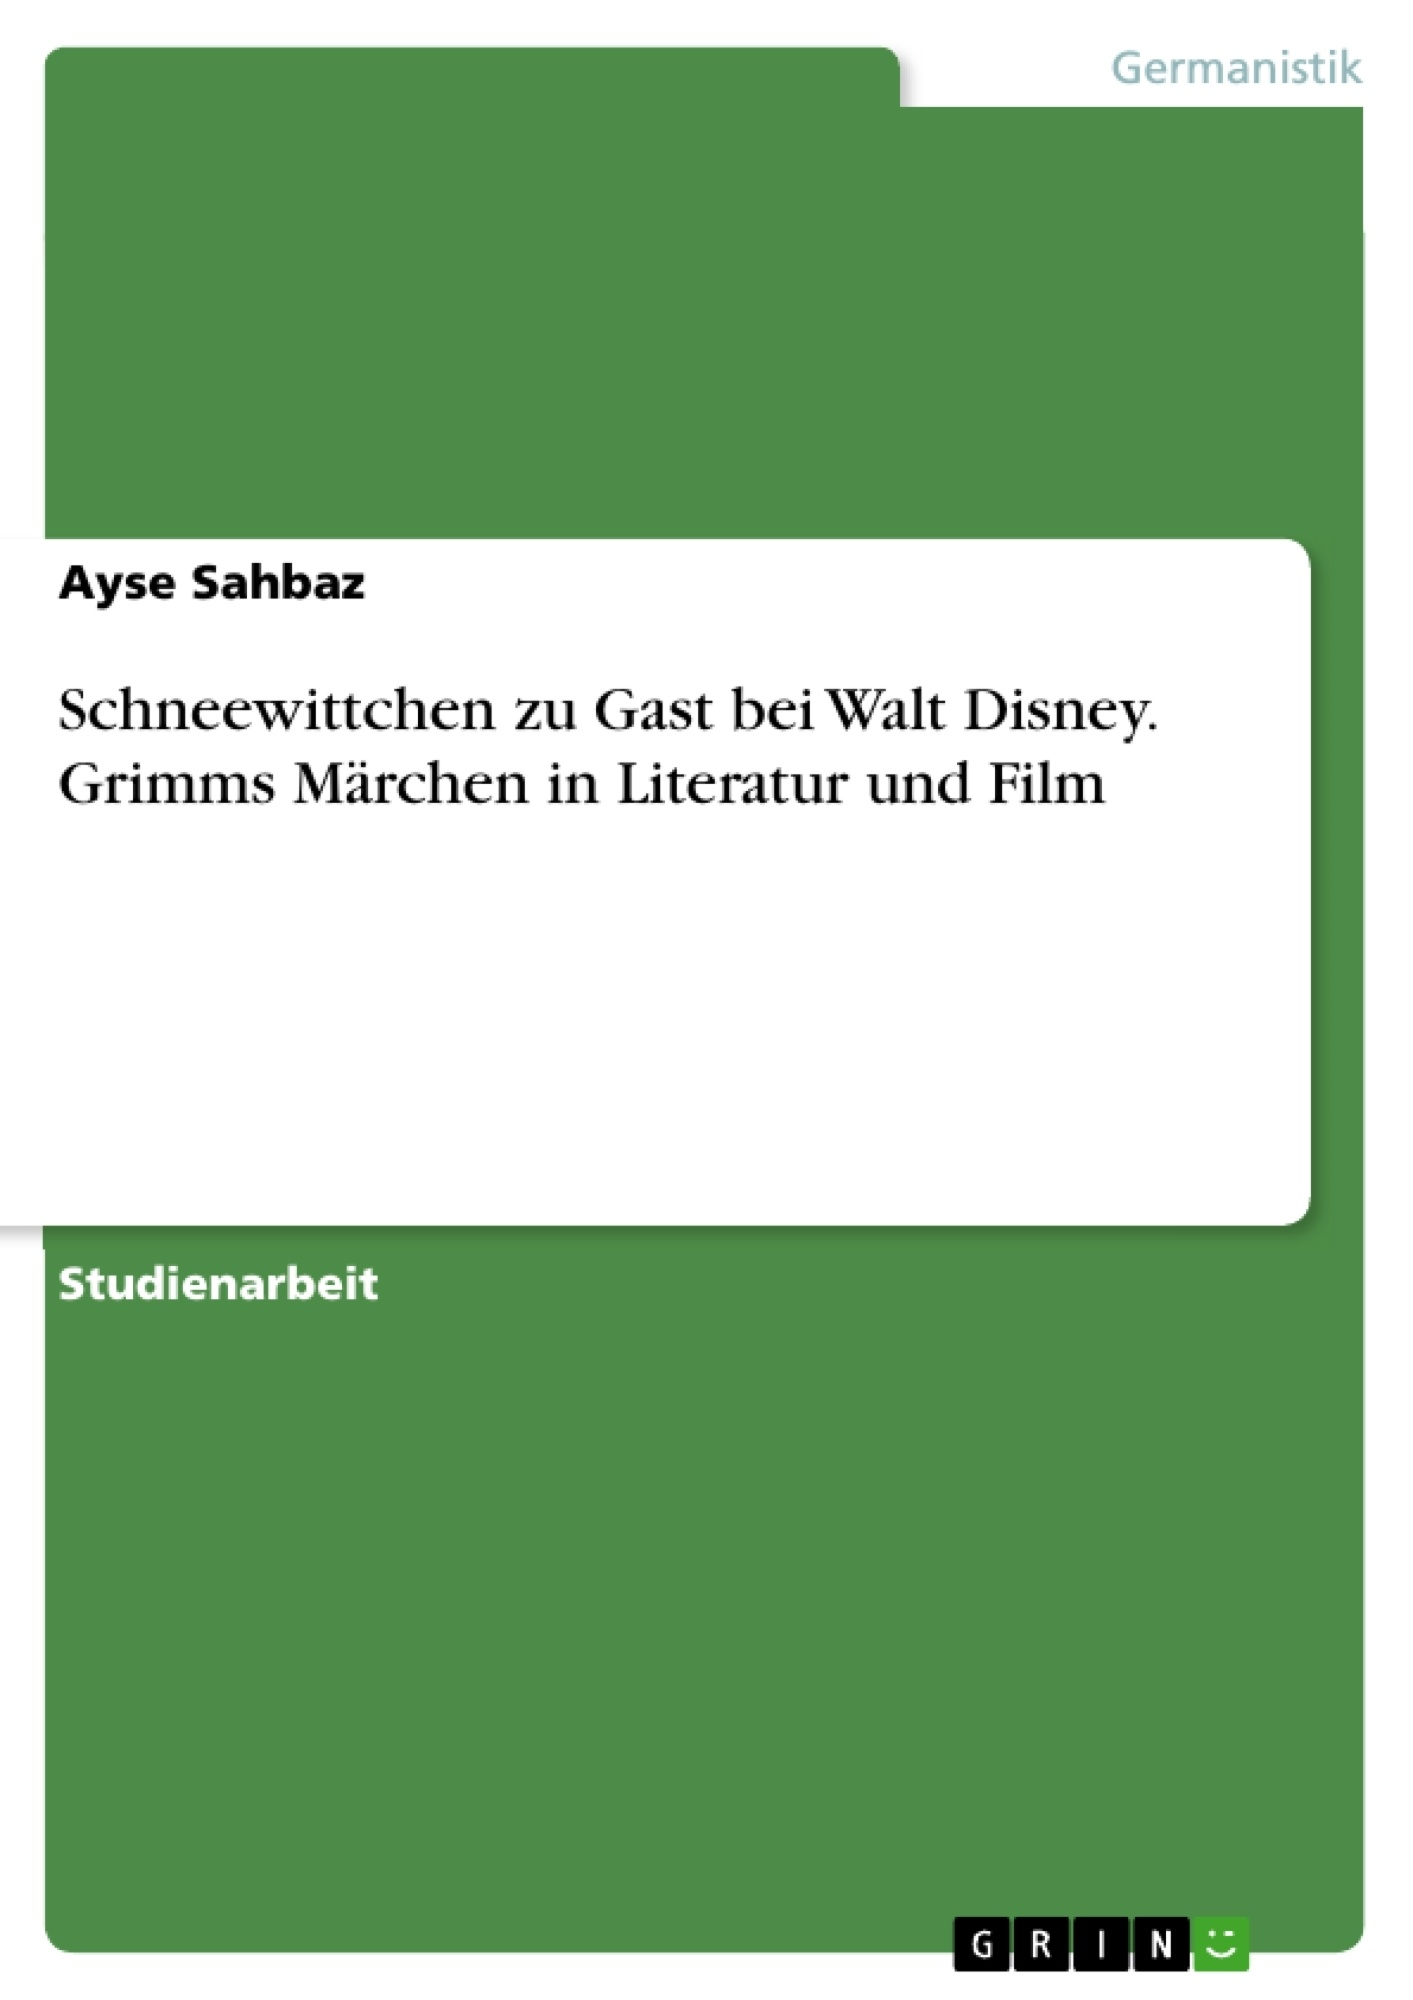 Titel: Schneewittchen zu Gast bei Walt Disney. Grimms Märchen in Literatur und Film